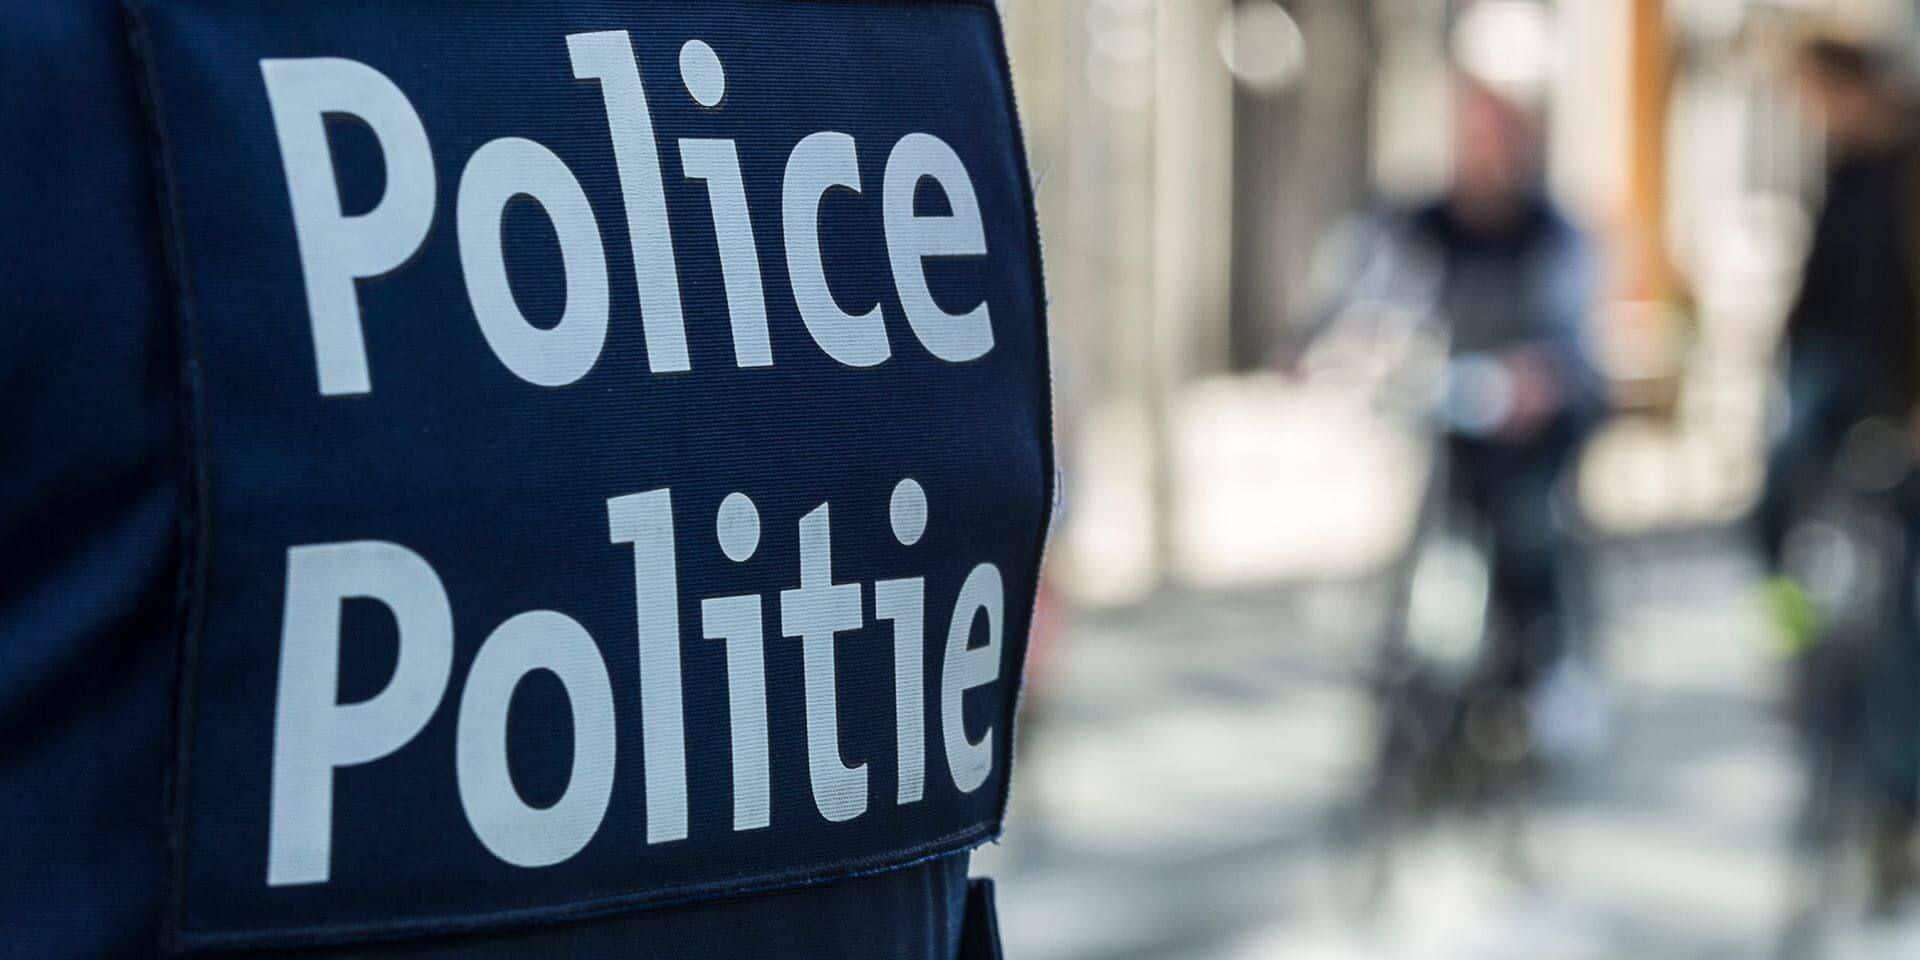 Un conducteur dangereux pris en chasse par la police en marge de la braderie d'Eghezée